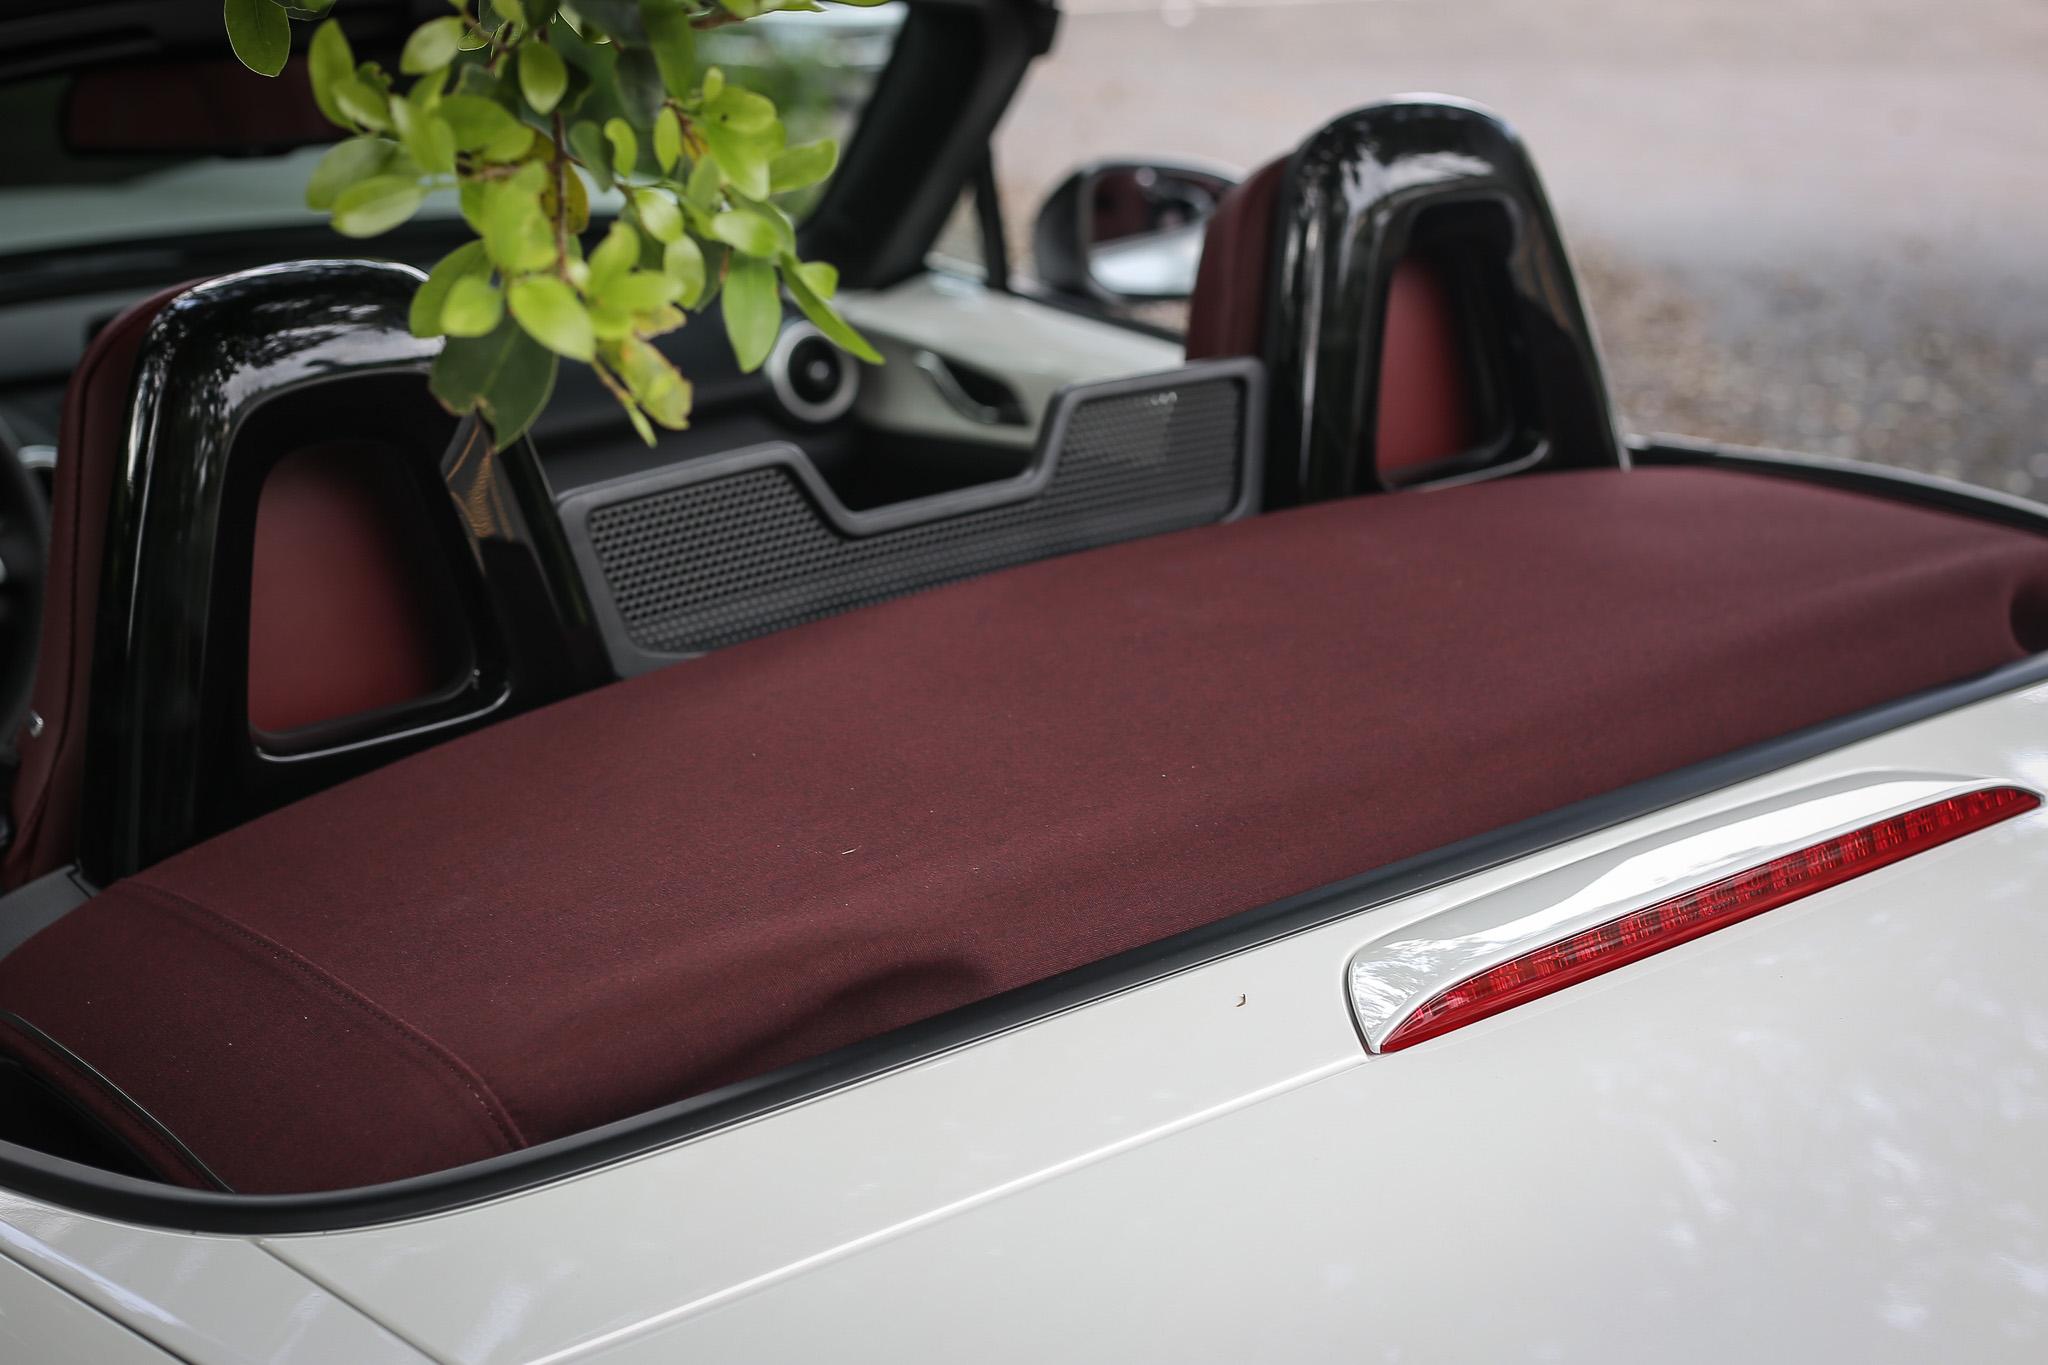 躍雪白的車色搭配酒紅色頂篷是專屬配色,質感相當出色。